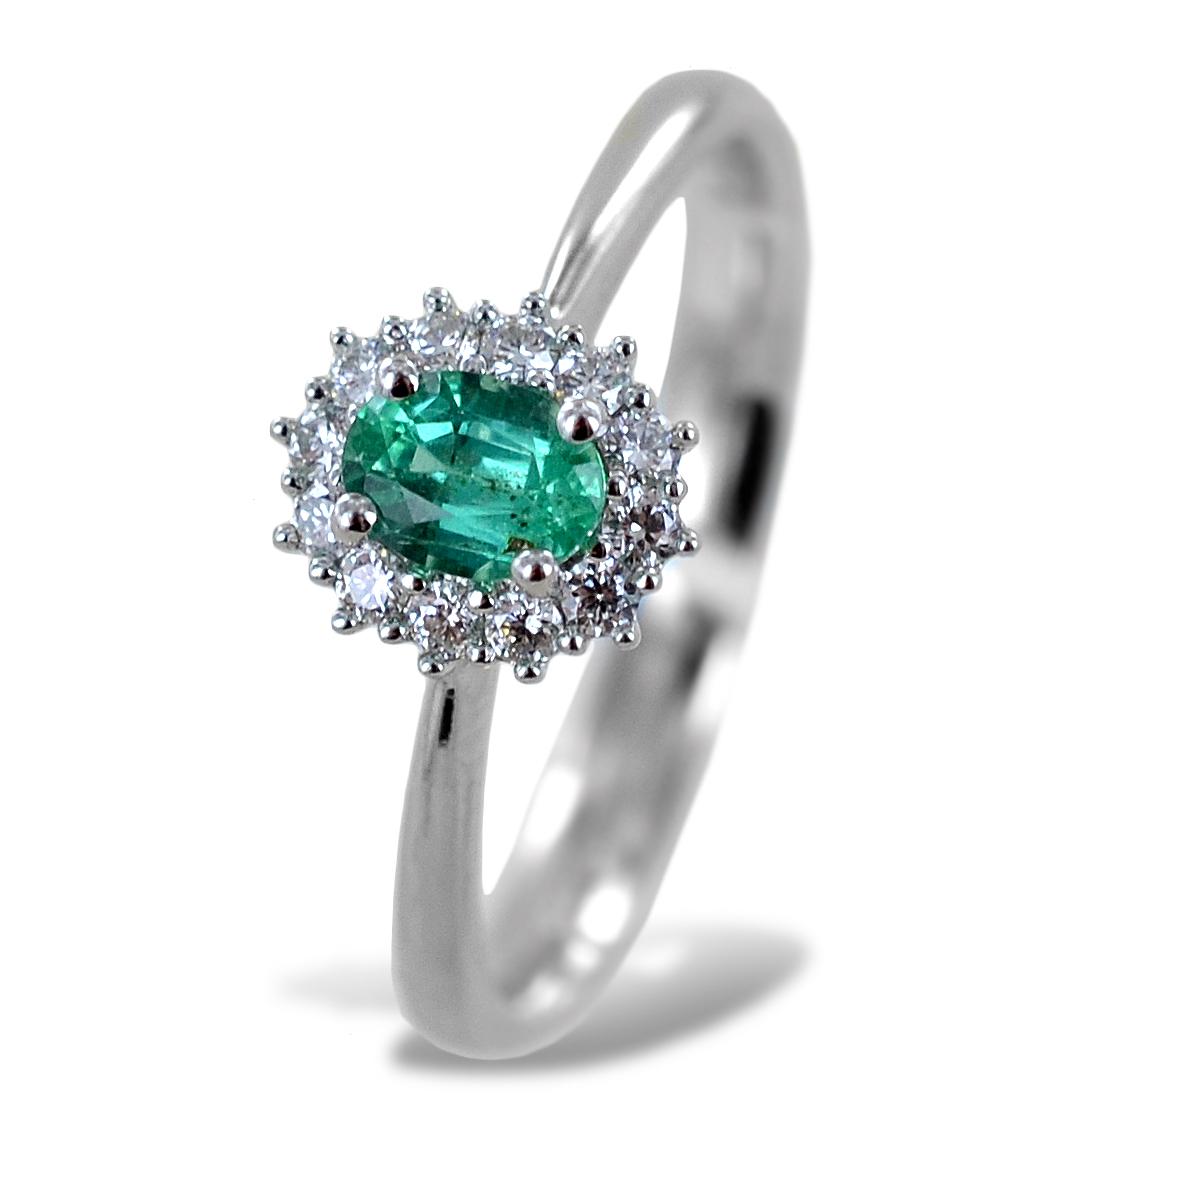 Anello con Smeraldo centrale piccolo e contorno di diamanti Gioielli Valenza